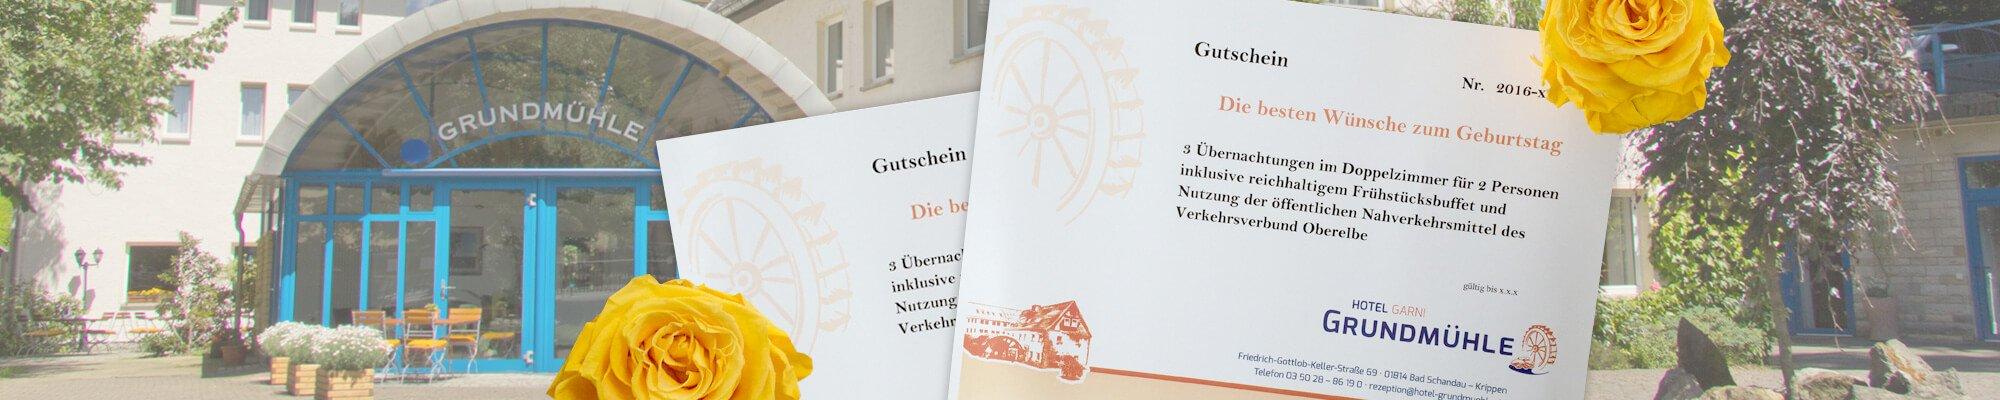 Hotel Grundmühle Gutscheine